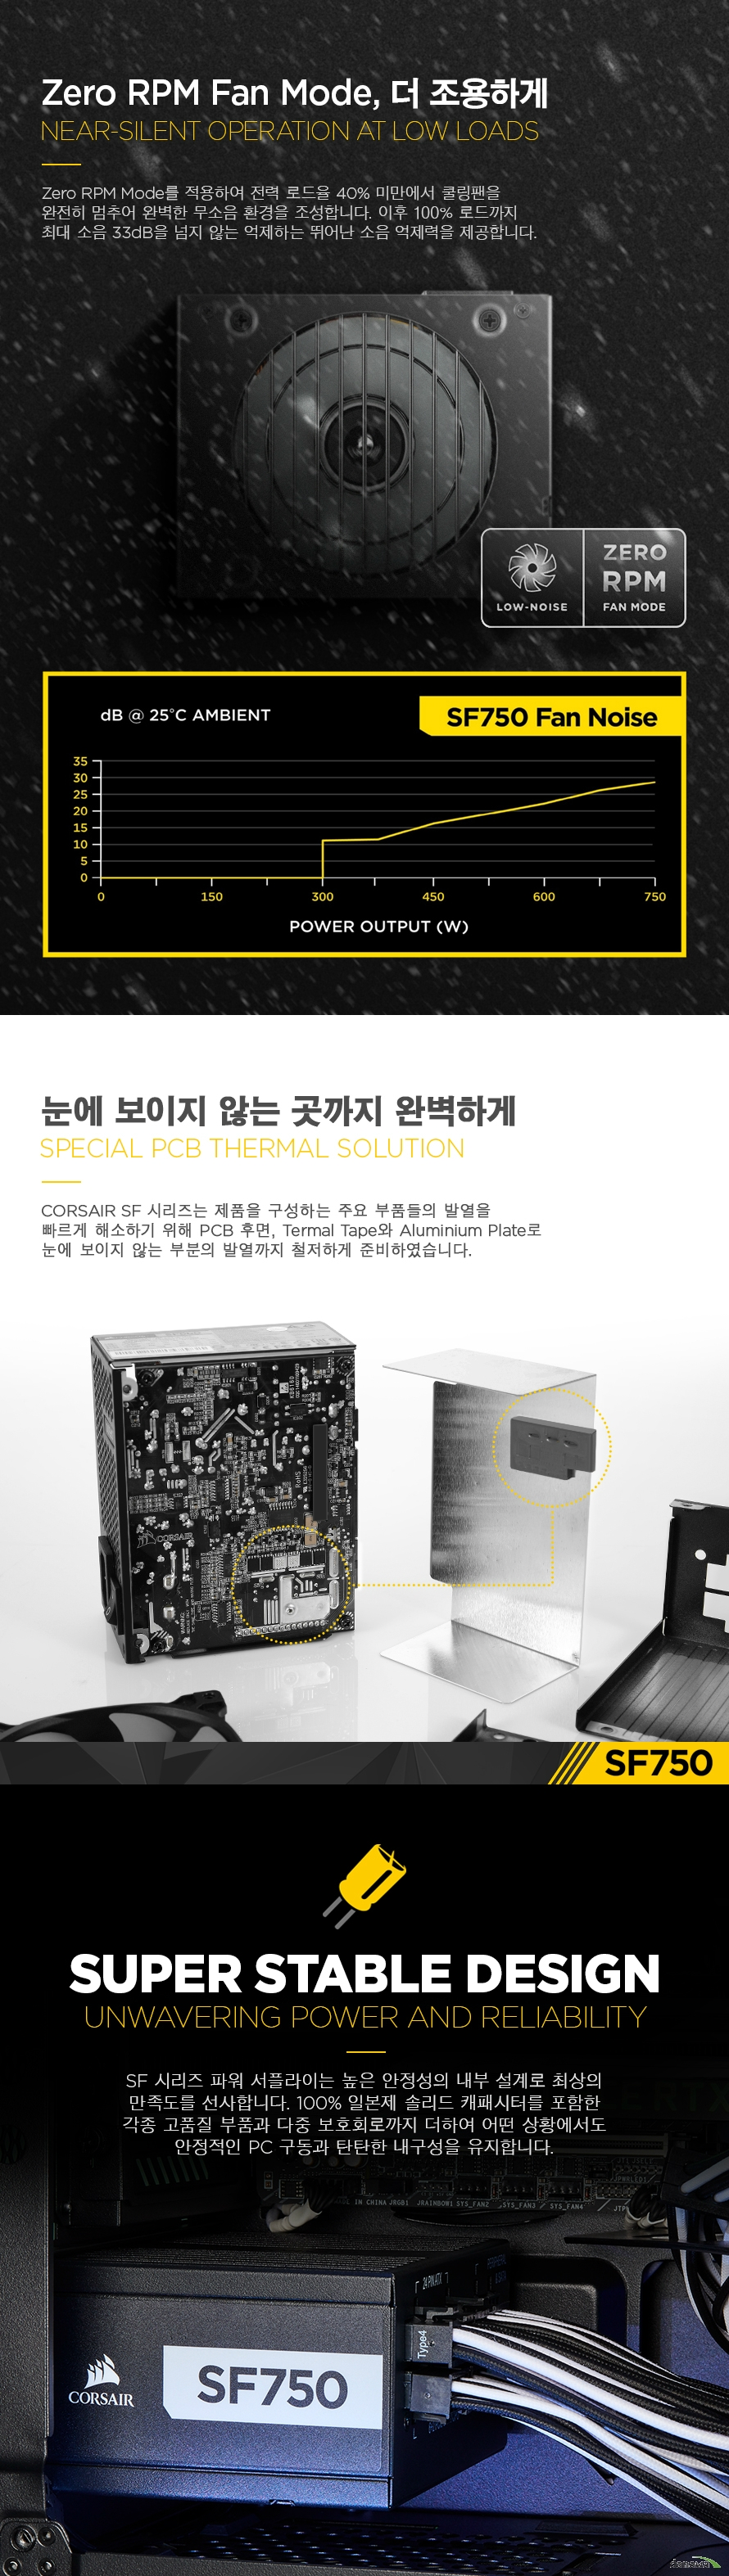 CORSAIR  SF750 80 PLUS Platinum